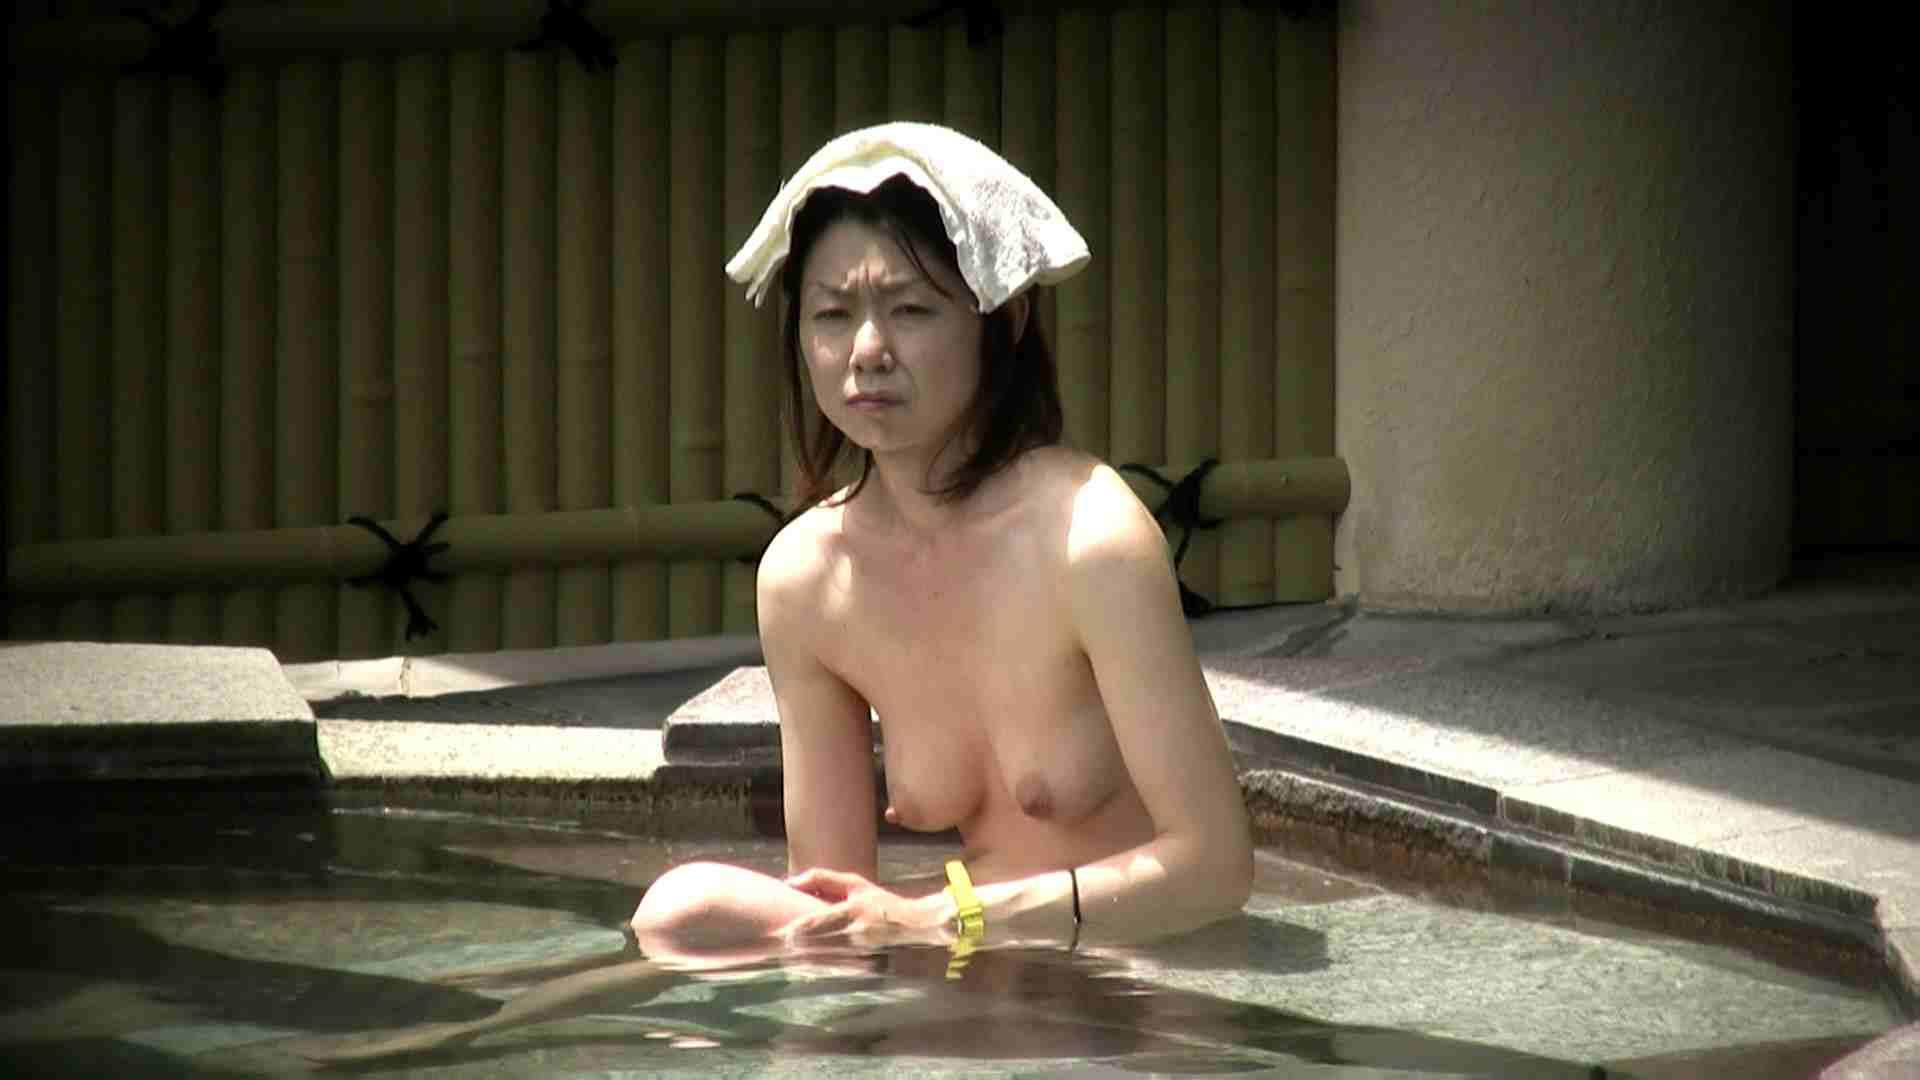 Aquaな露天風呂Vol.658 OLのエロ生活  30連発 18